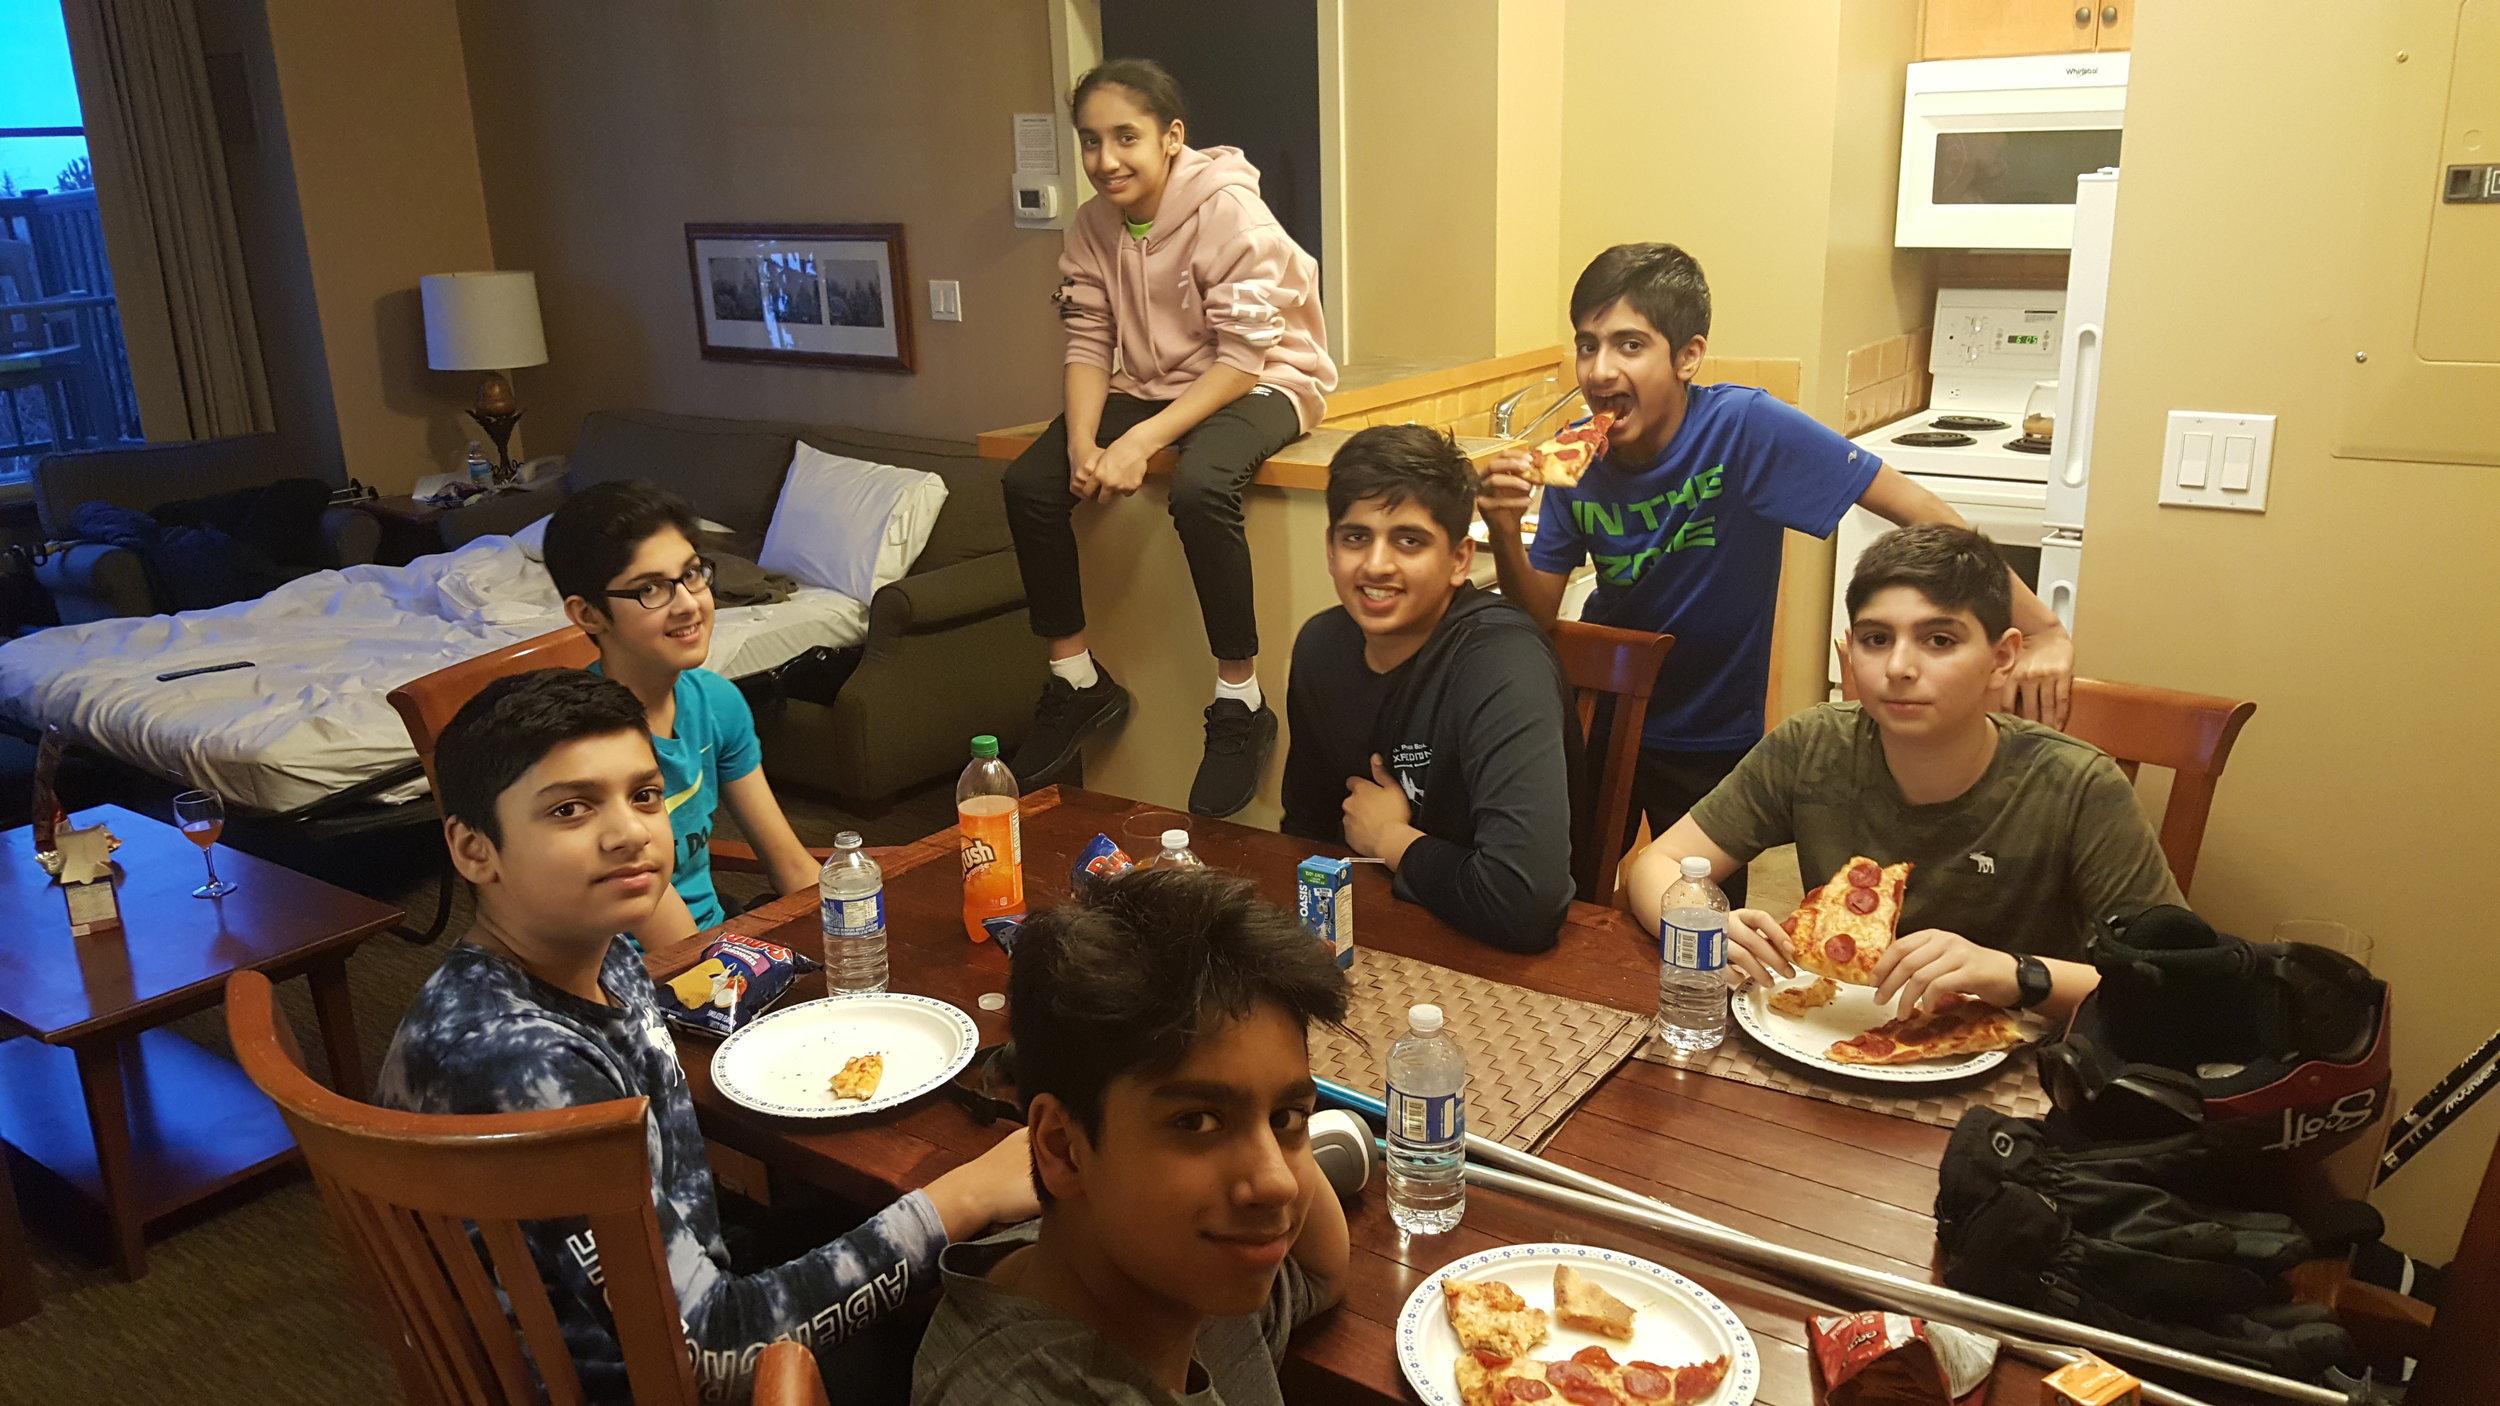 Grade 8 Boys getting their 'za on!